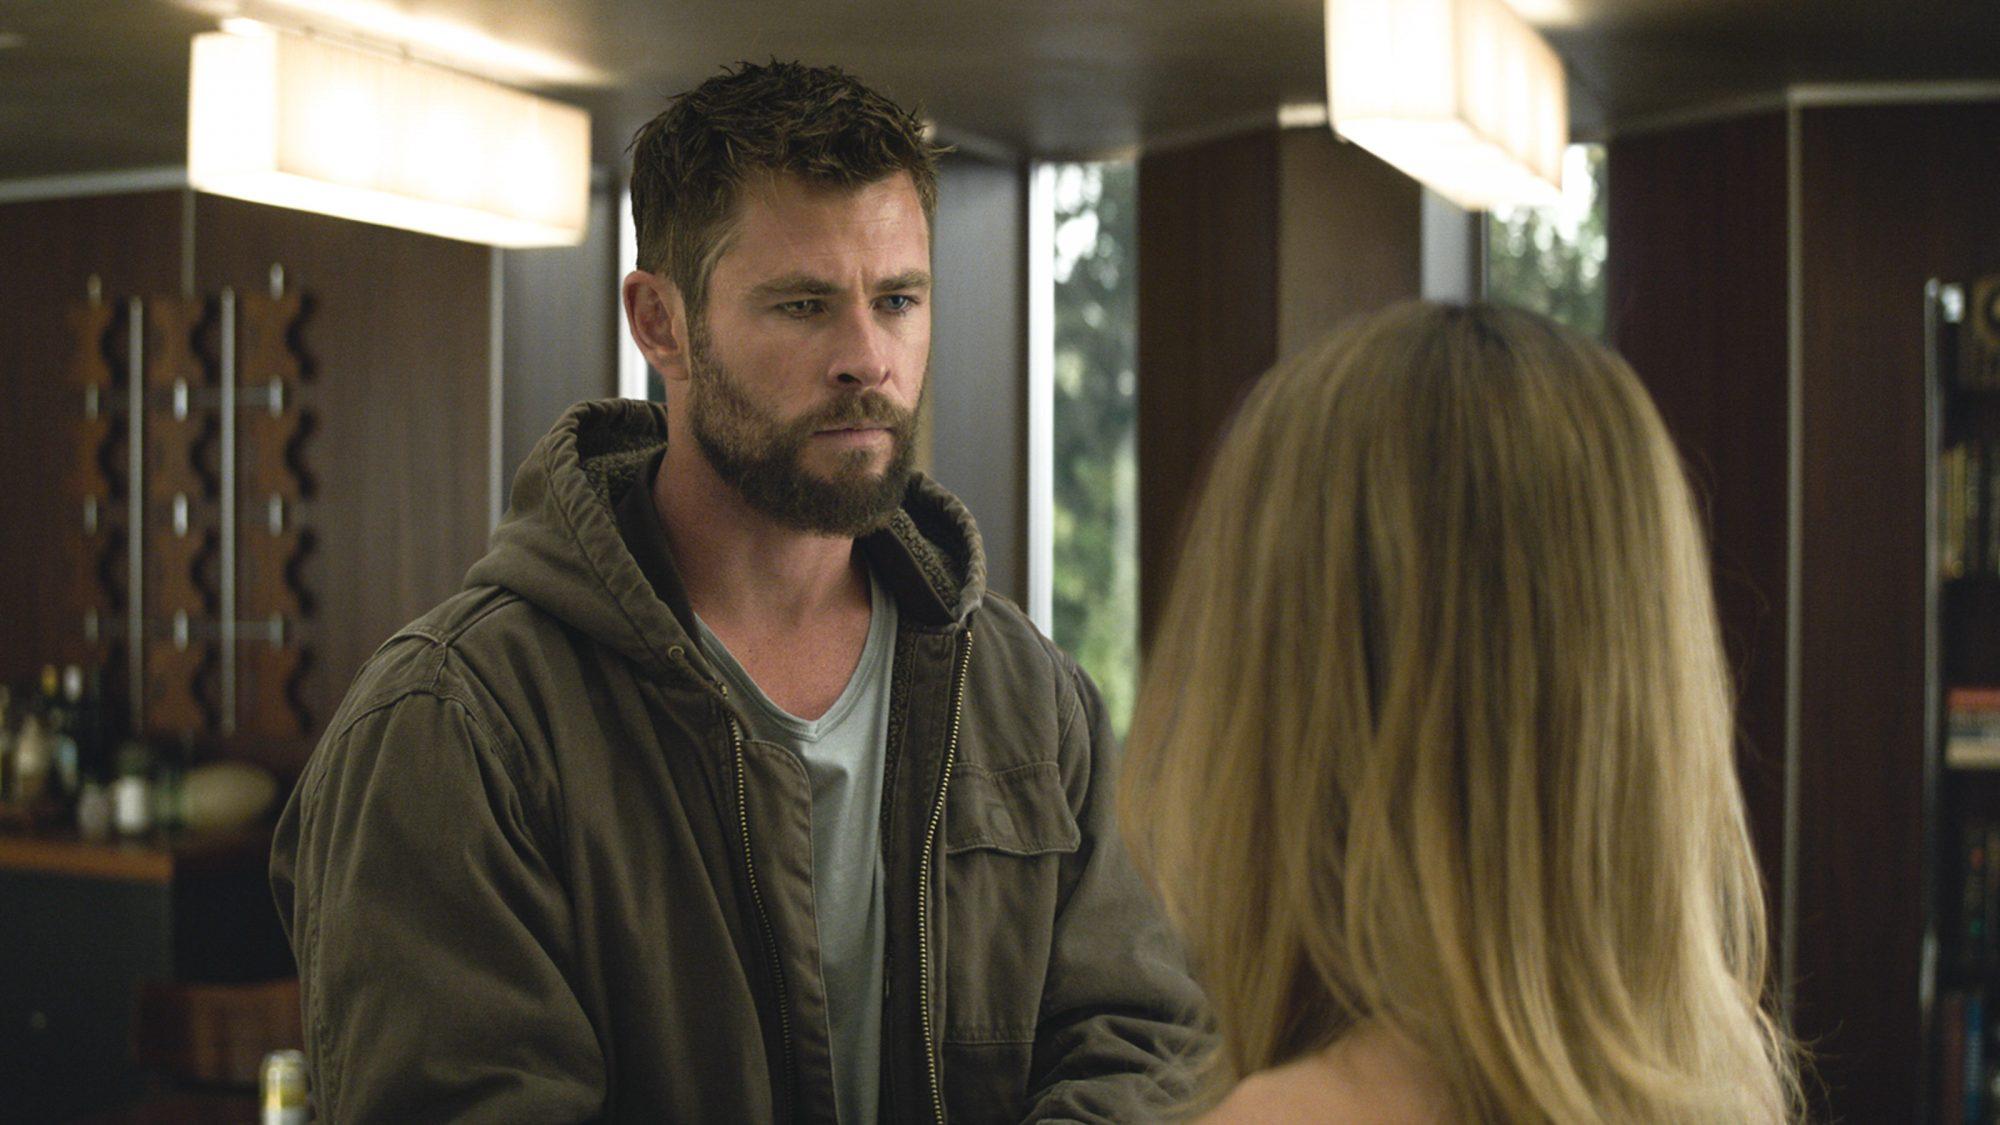 Marvel Studios' AVENGERS: ENDGAME..L to R: Thor (Chris Hemsworth) and Captain Marvel/Carol Danvers (Brie Larson)..Photo: Film Frame..©Marvel Studios 2019